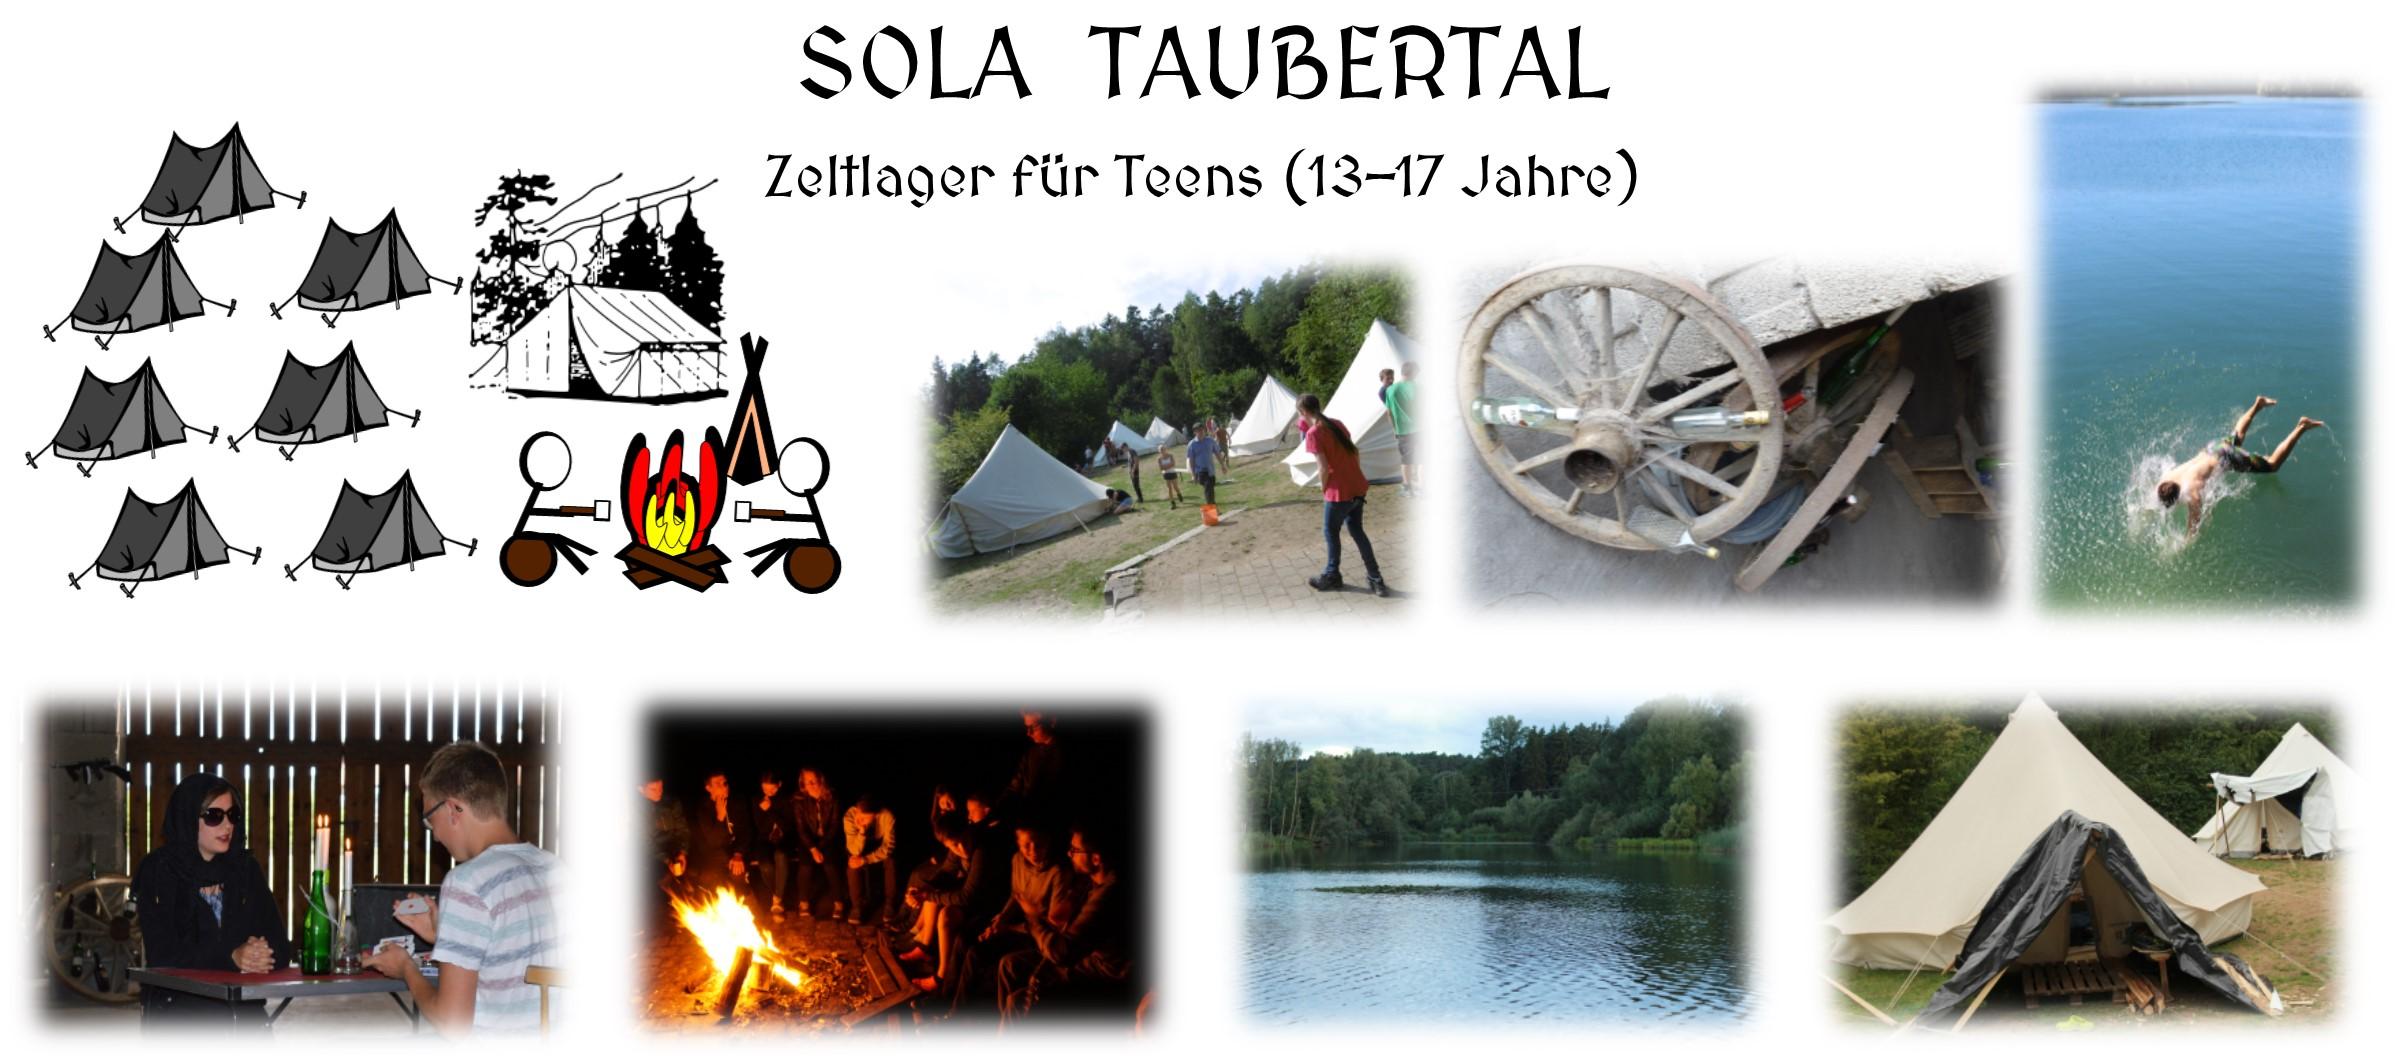 Sommerlager SOLA Taubertal. Zeltlager für Teens von 13 bis 17 Jahre.